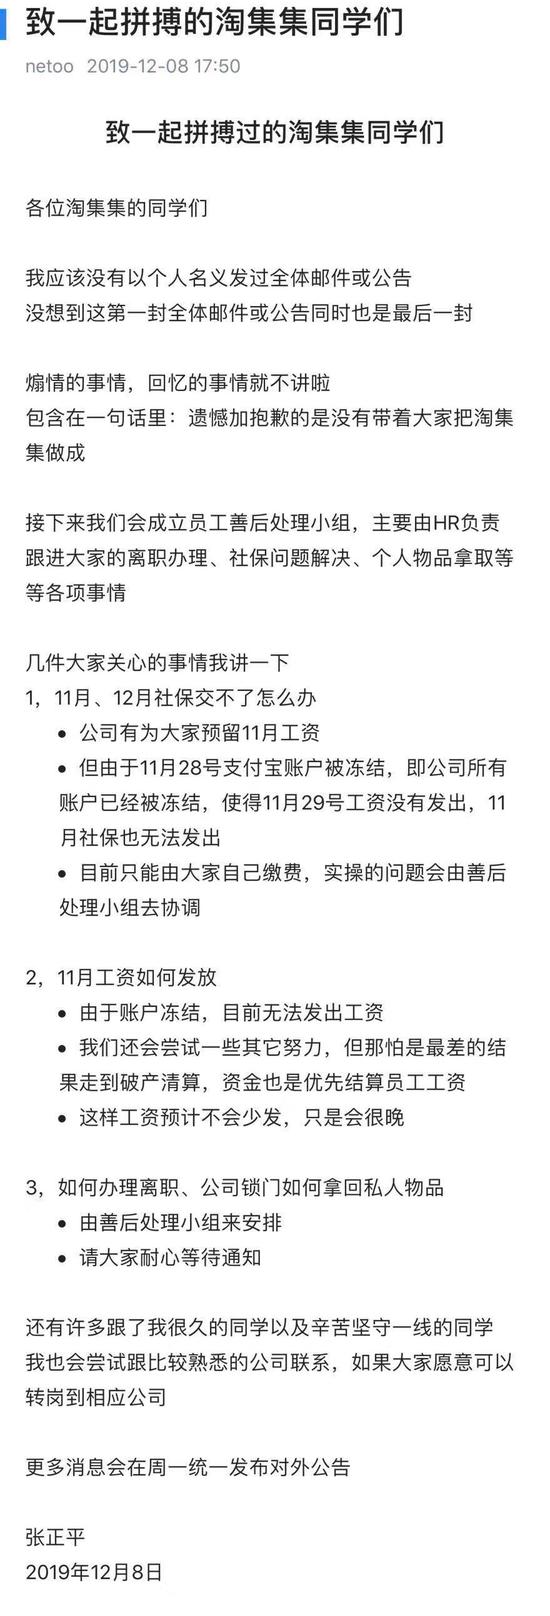 淘集集宣告重组失败 CEO称已成立员工善后处理小组